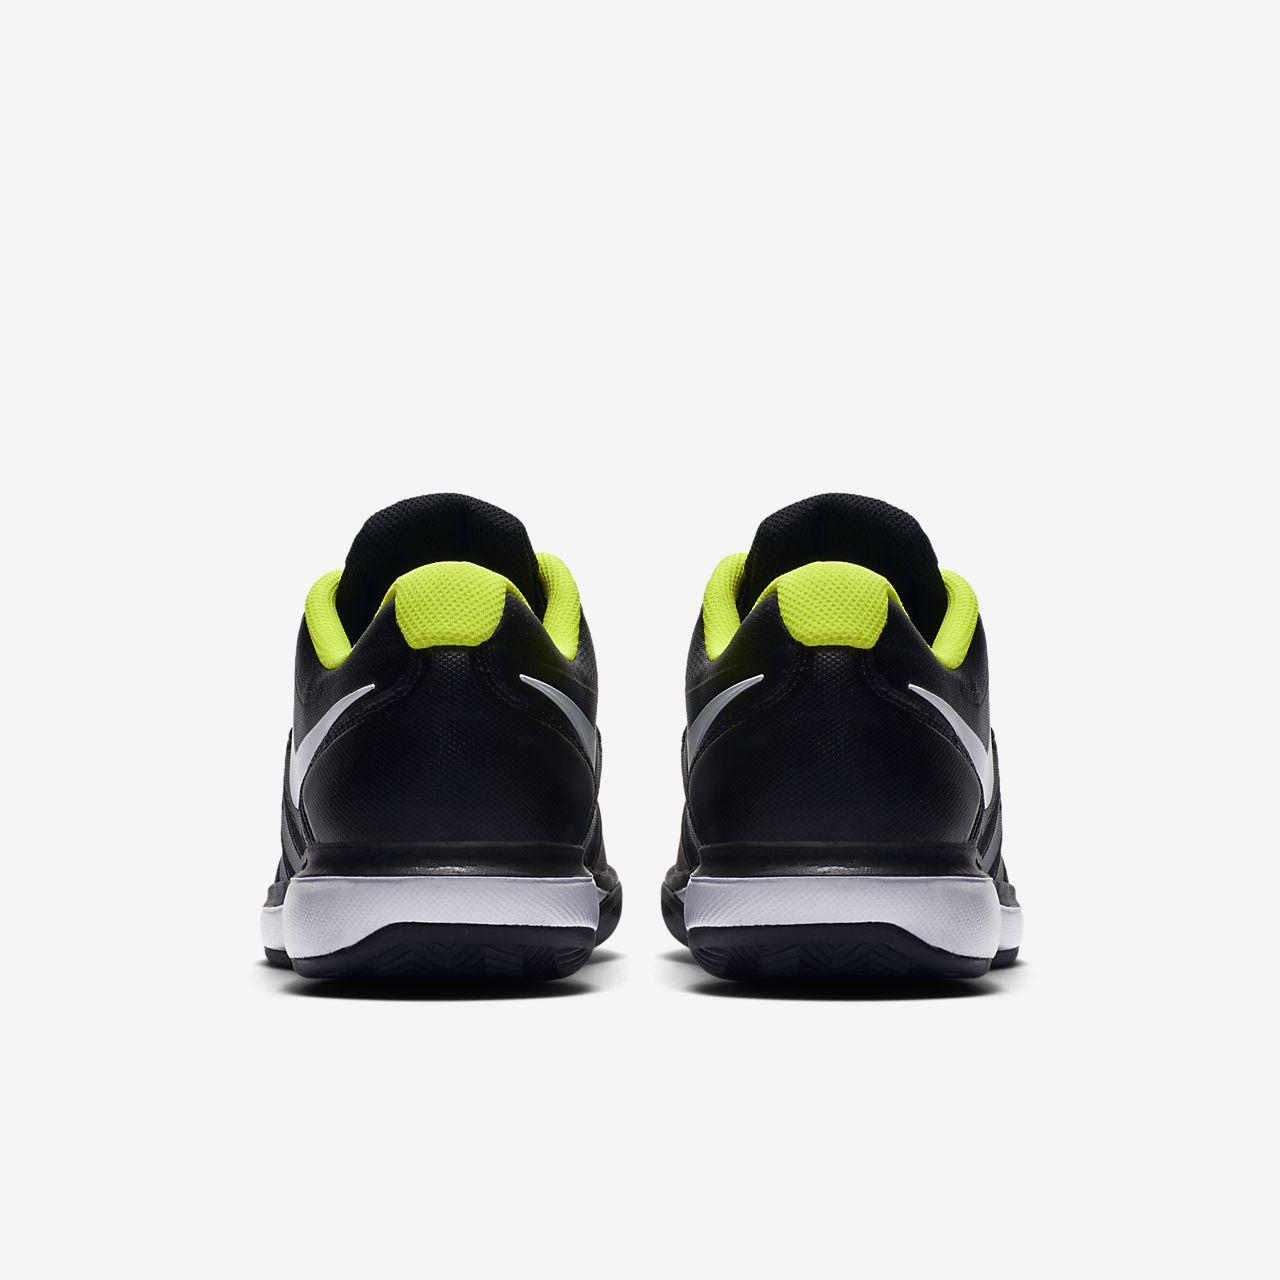 Sapatilhas Tenis Melhor Preço Homem Nike Air Zoom Prestige